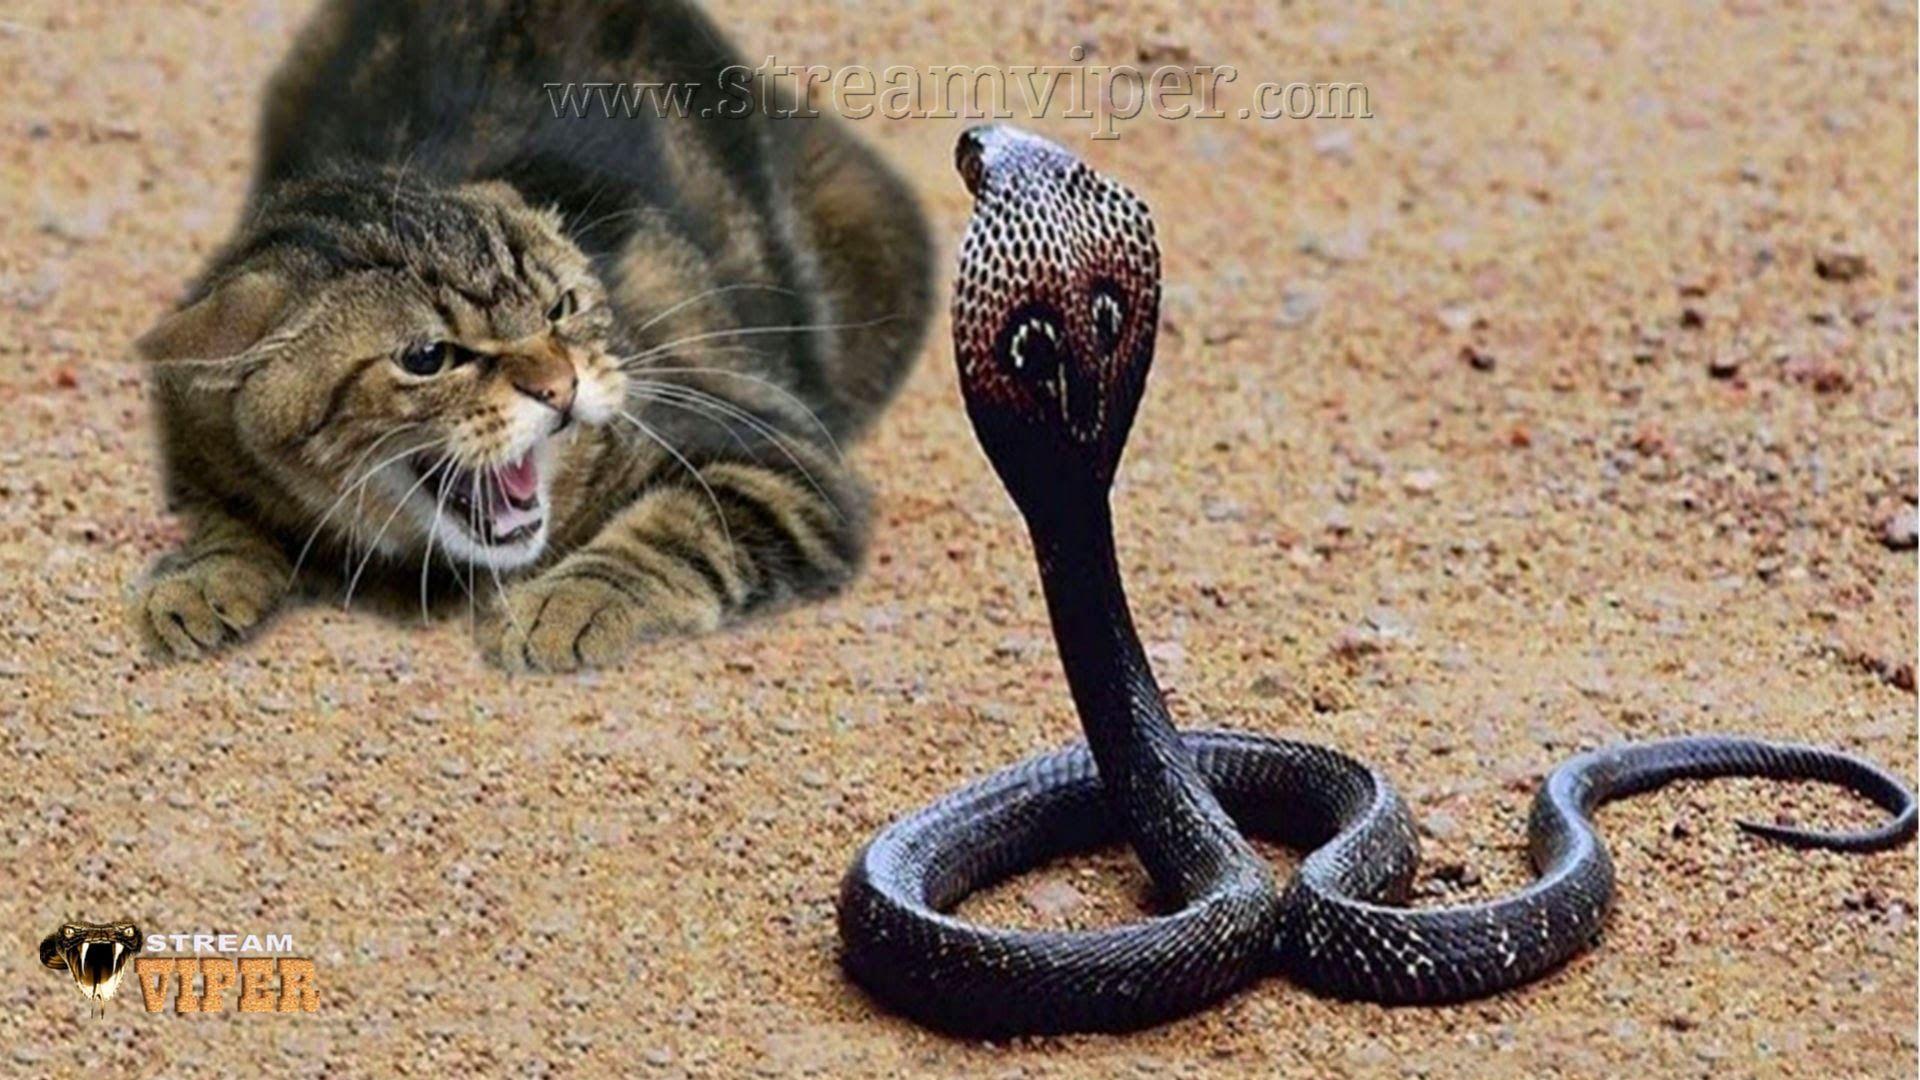 King Cobra Snake Vs Tiger Cubs, Monkey, Mongoose,Komodo